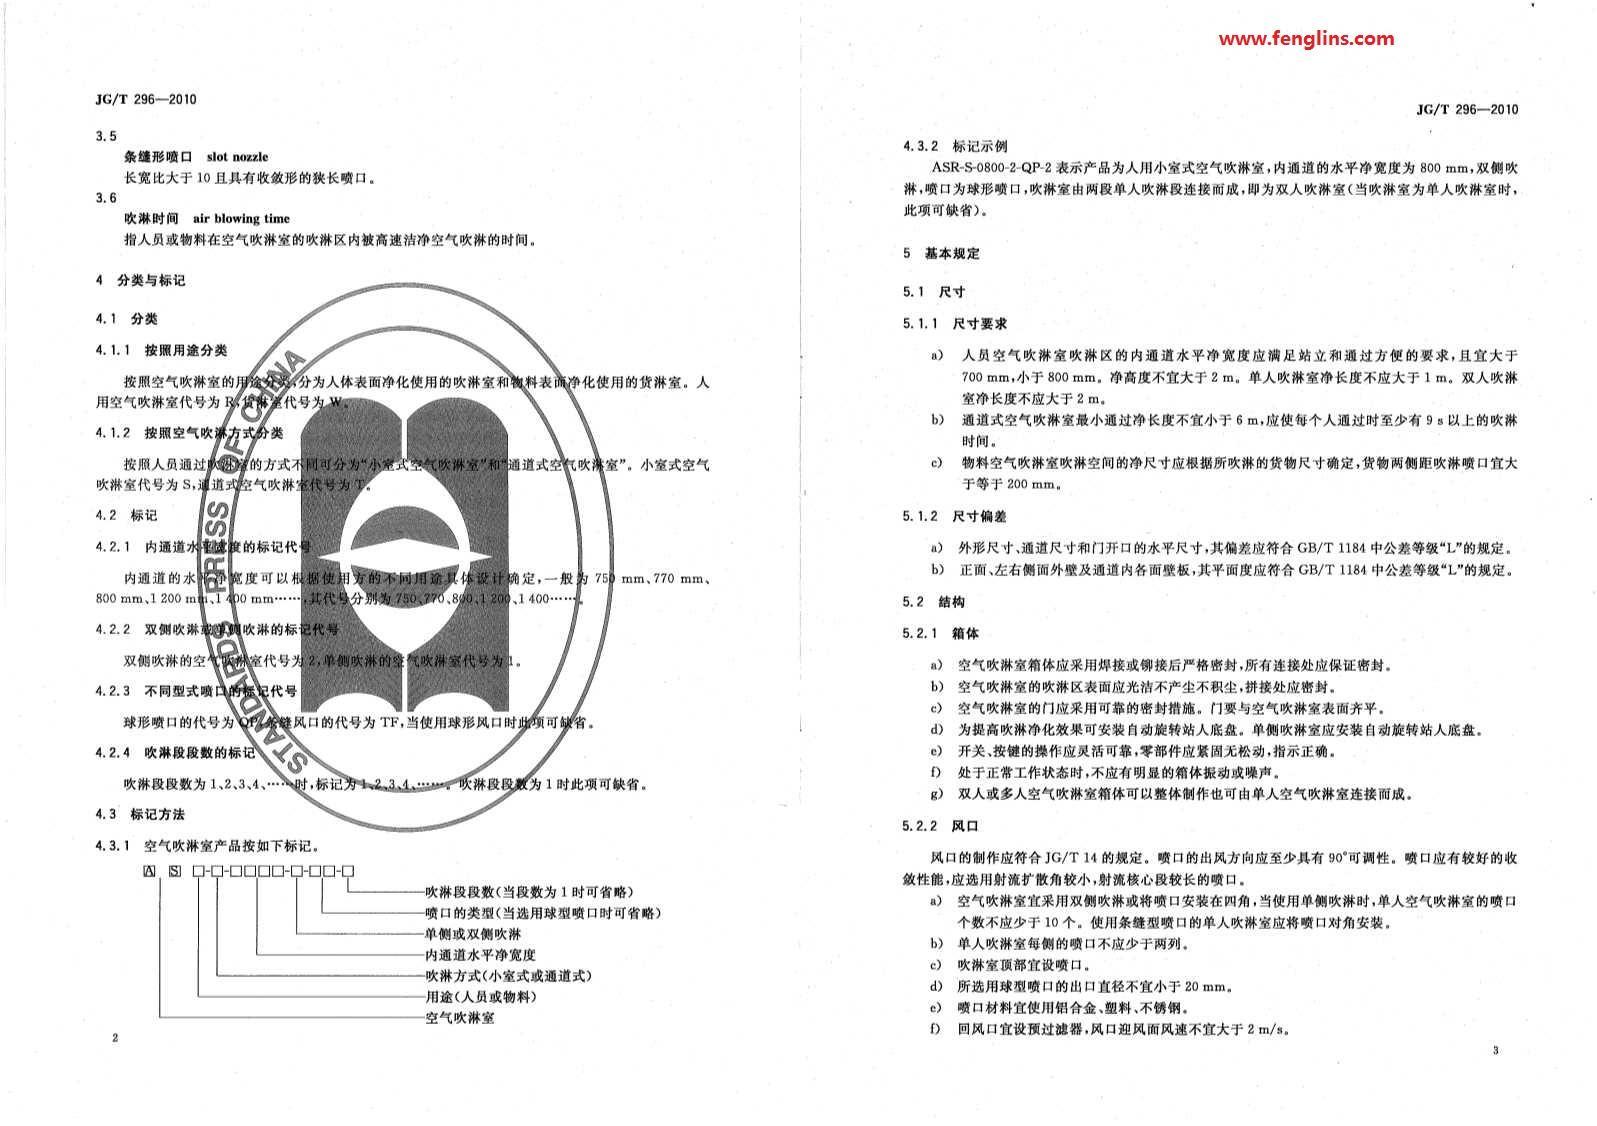 JG∕T 296-2010空气吹淋室标准(风淋室行业规范)